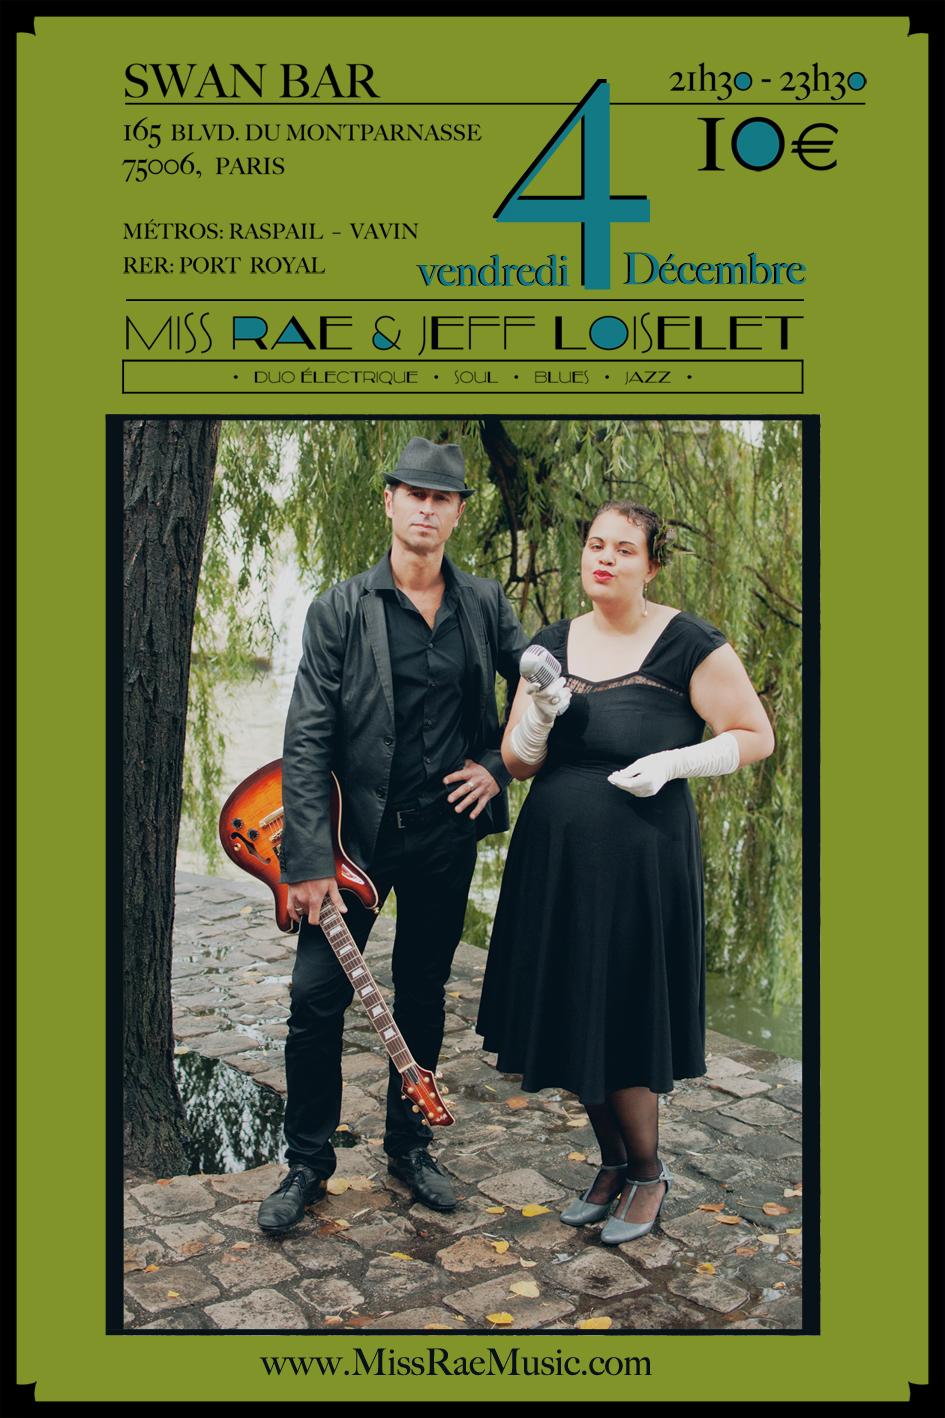 40x60_Miss Rae & Jeff Loiselet en concert à Paris_4 Decembre 2015_SWAN BAR